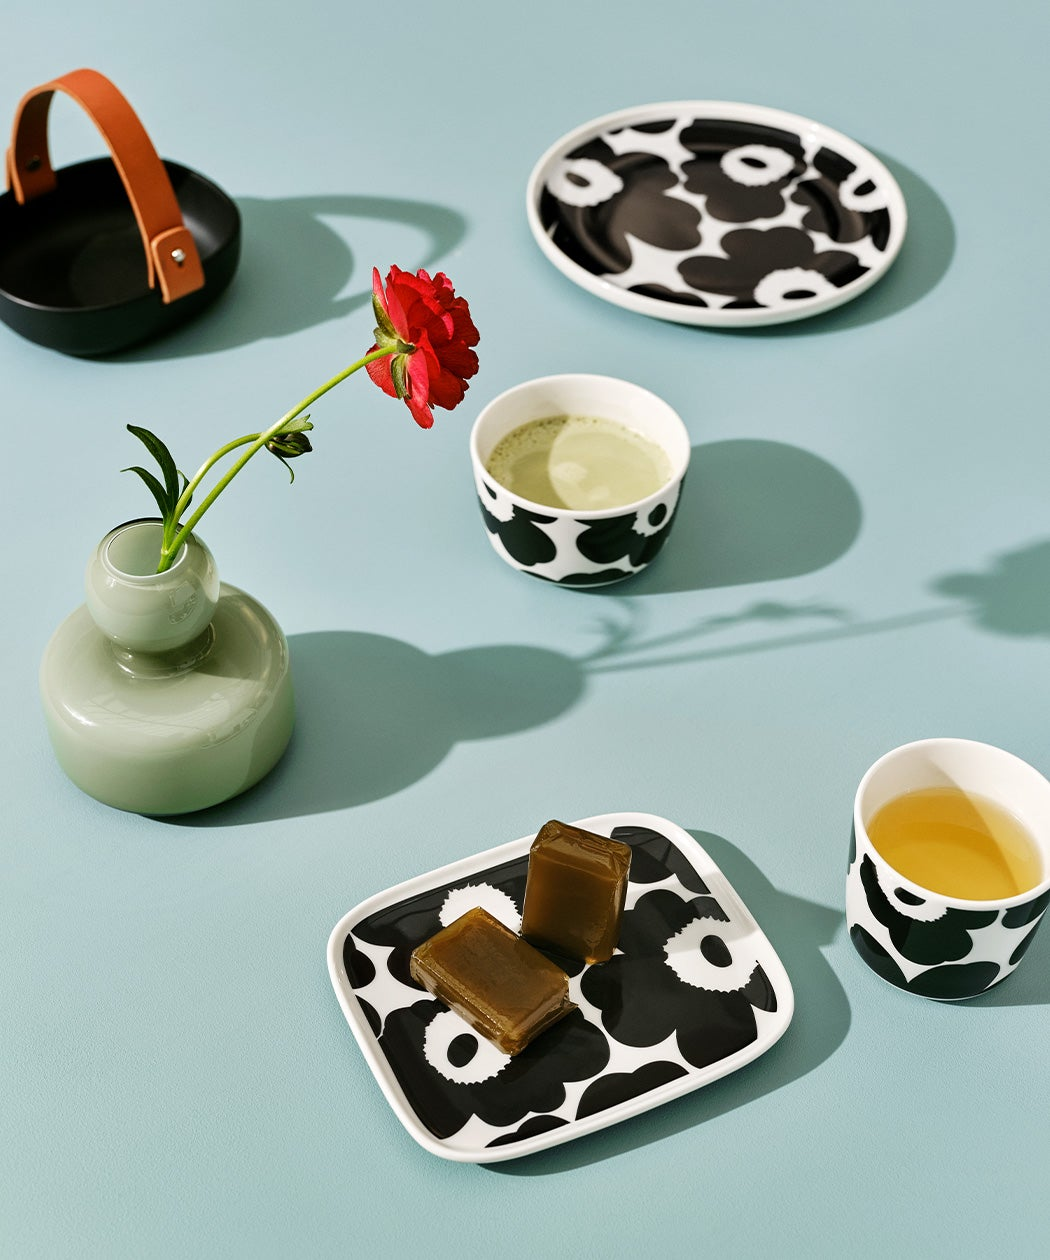 Marimekko Unikko tableware